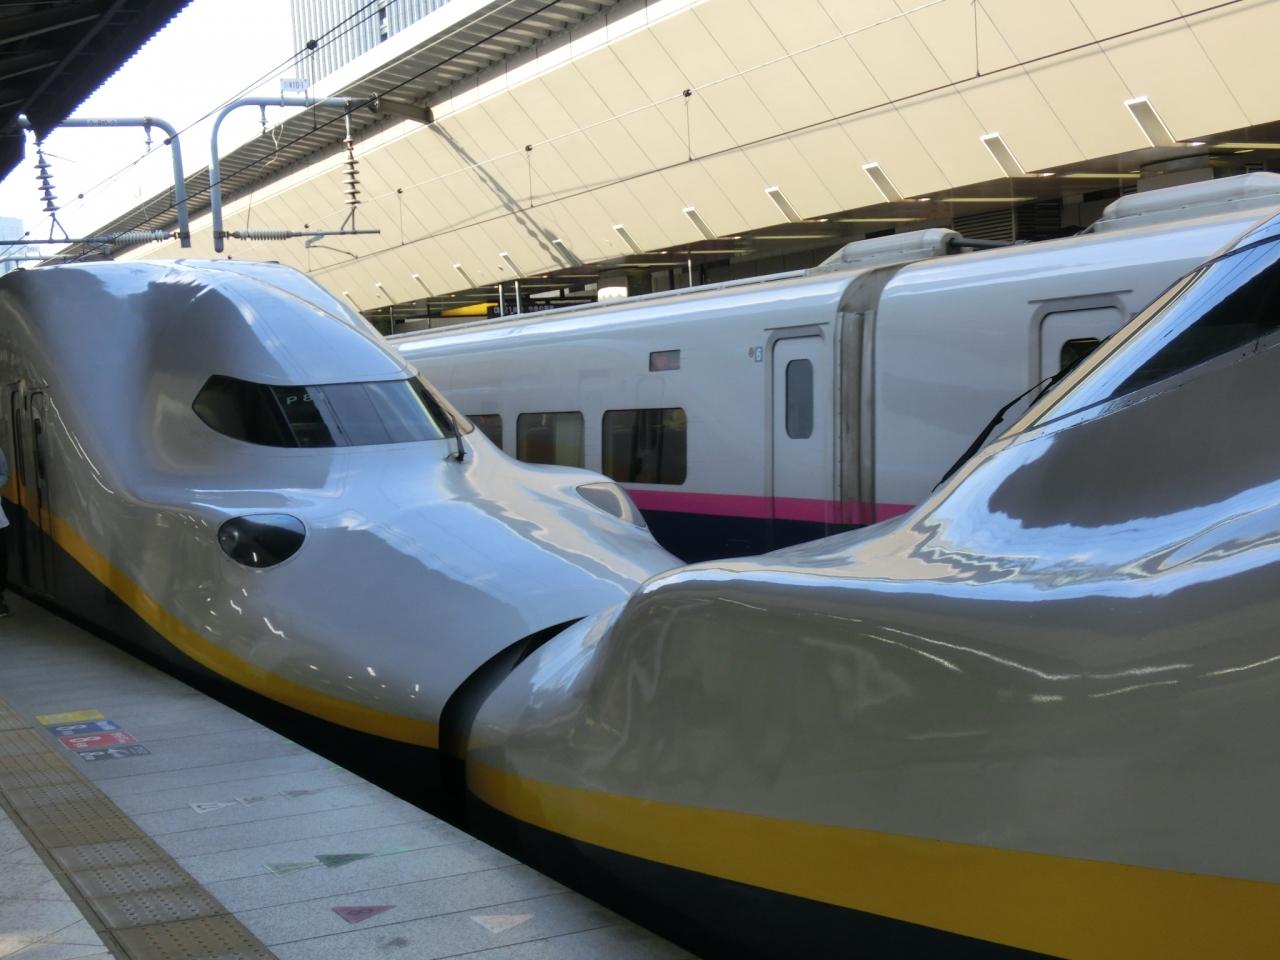 湯沢 新幹線 ガーラ ガーラ湯沢でリゾートワーク!? 1万円で新幹線往復、E4系も乗れる